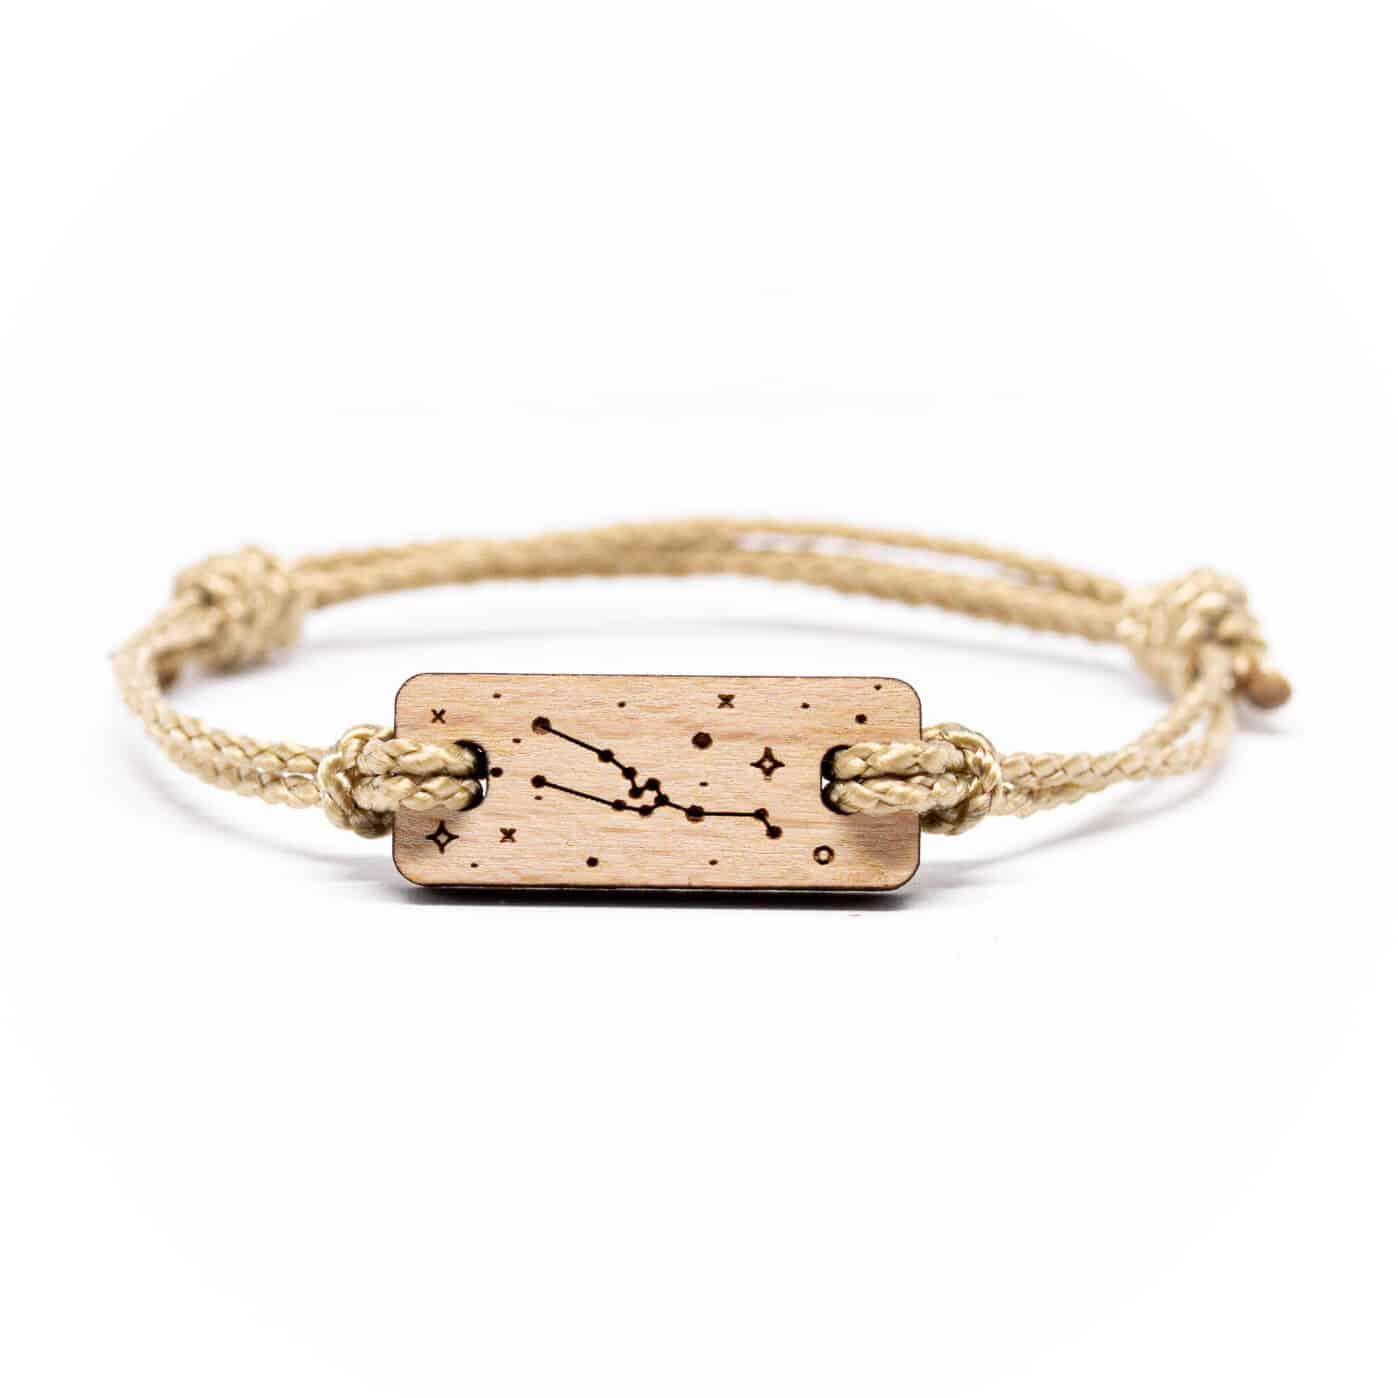 Bracelet en bois signe astrologique taureau